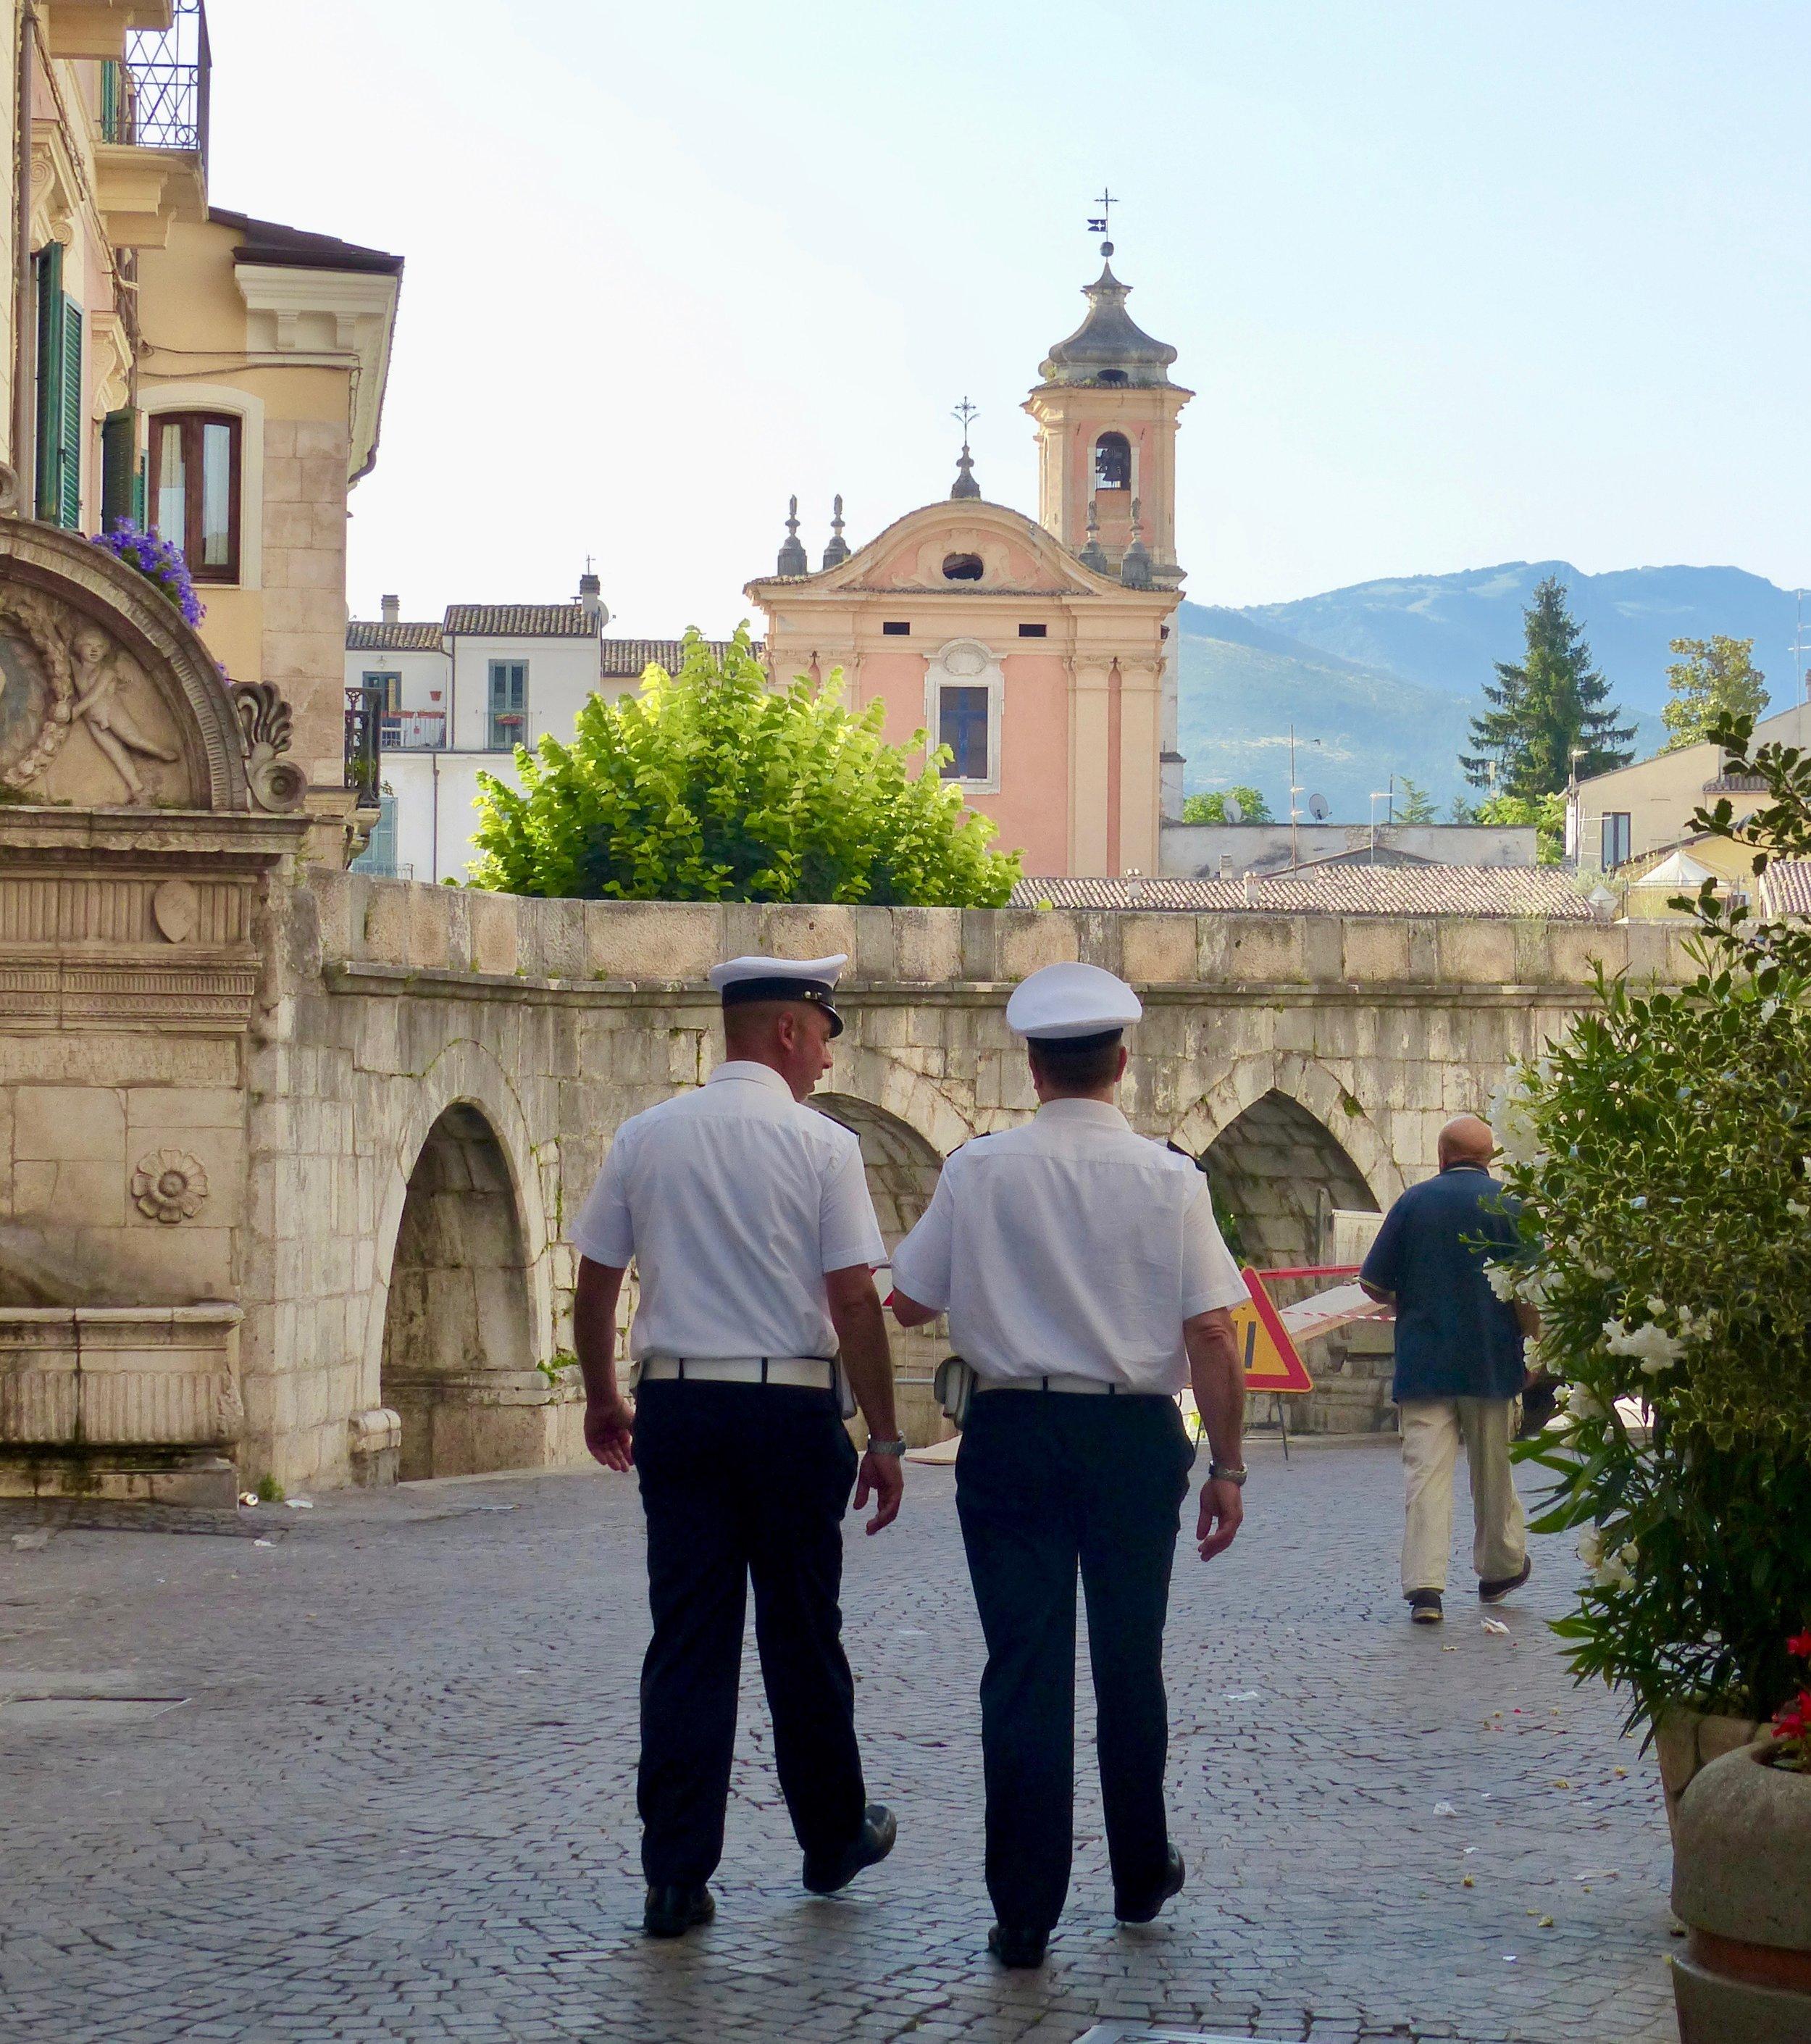 Police strolling in Sulmona